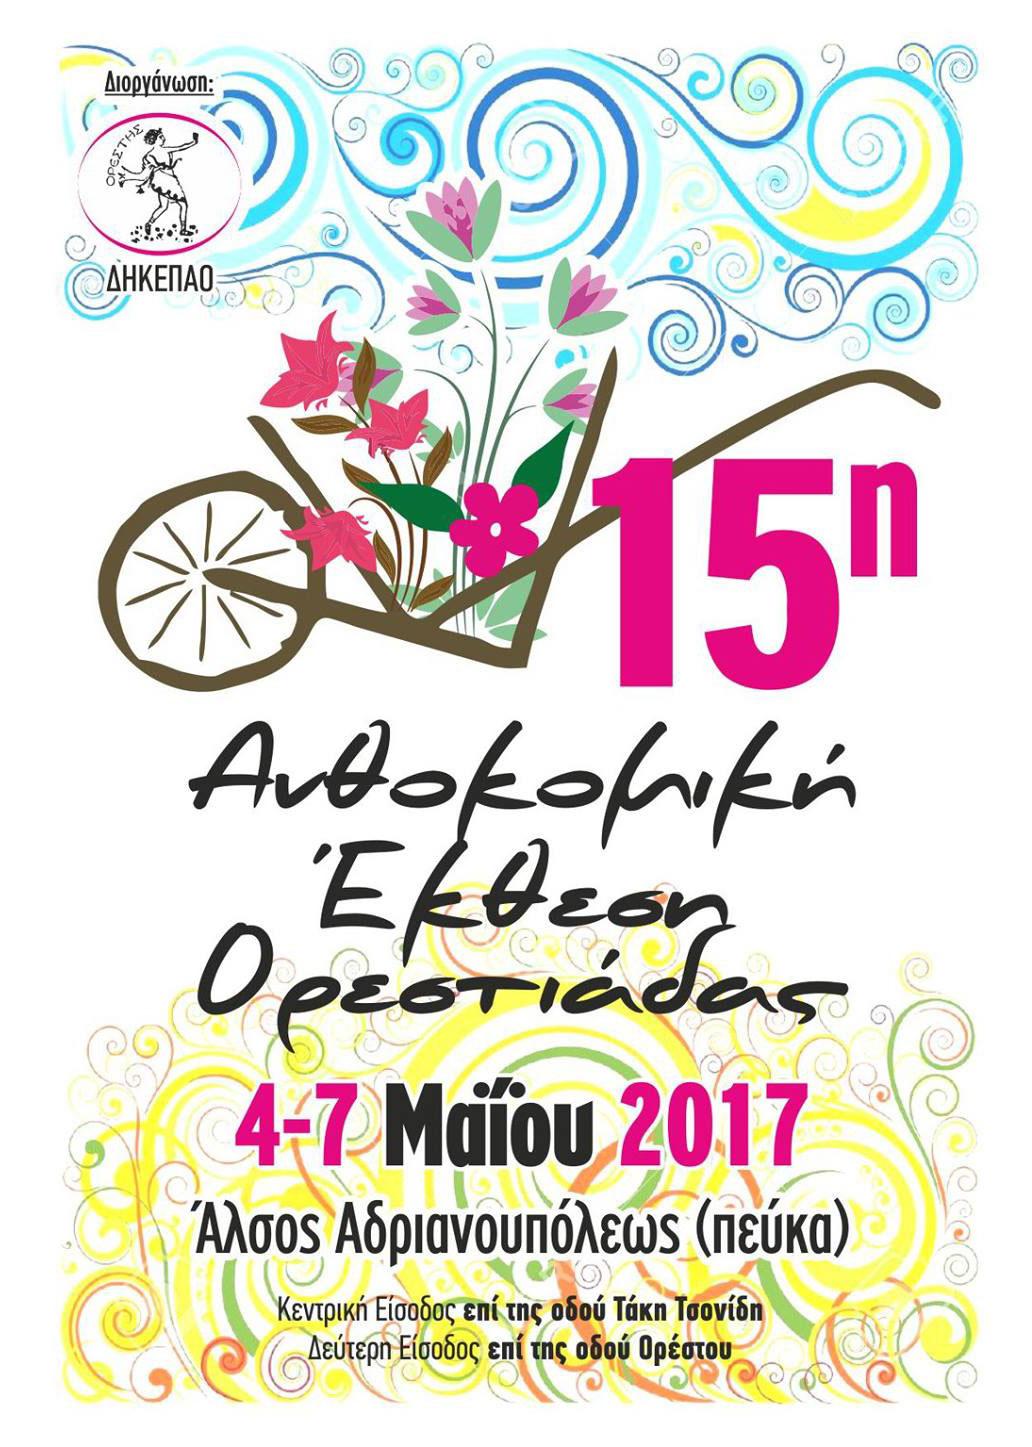 Συμμετοχή της Ζεόλιθος | Zeolife.gr στη 15η ανθοκομική έκθεση Νέας Ορεστιάδας, 4 έως 7 Μαΐου 2017